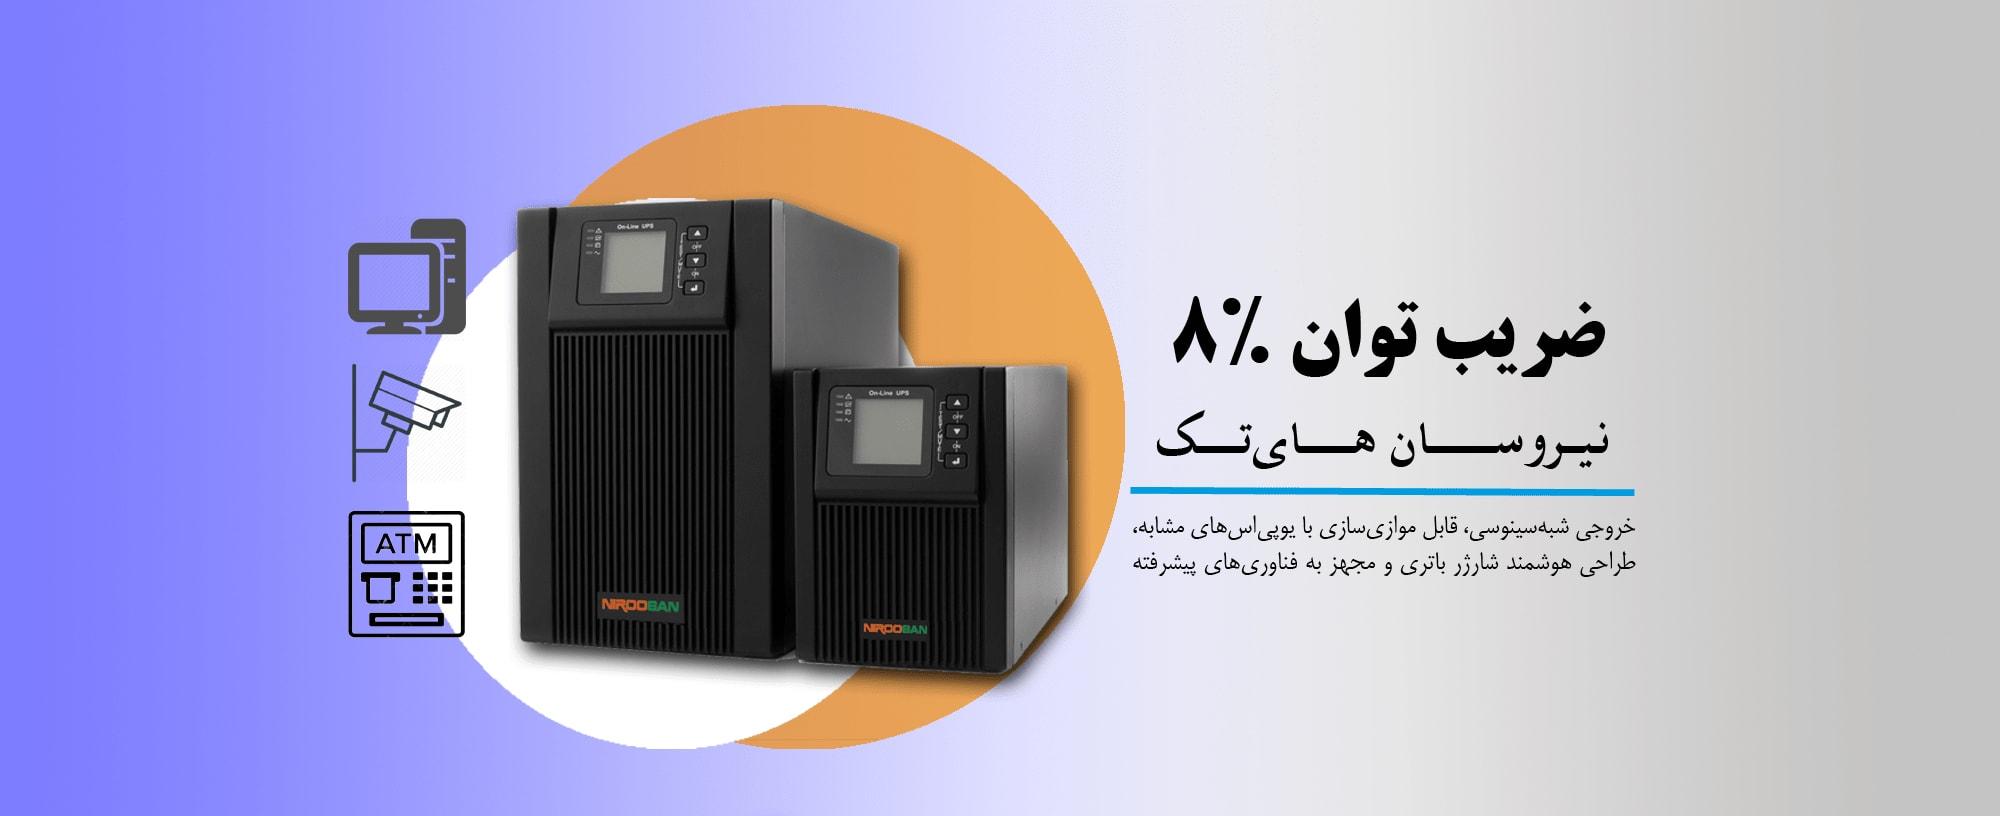 NS Hi-Tech